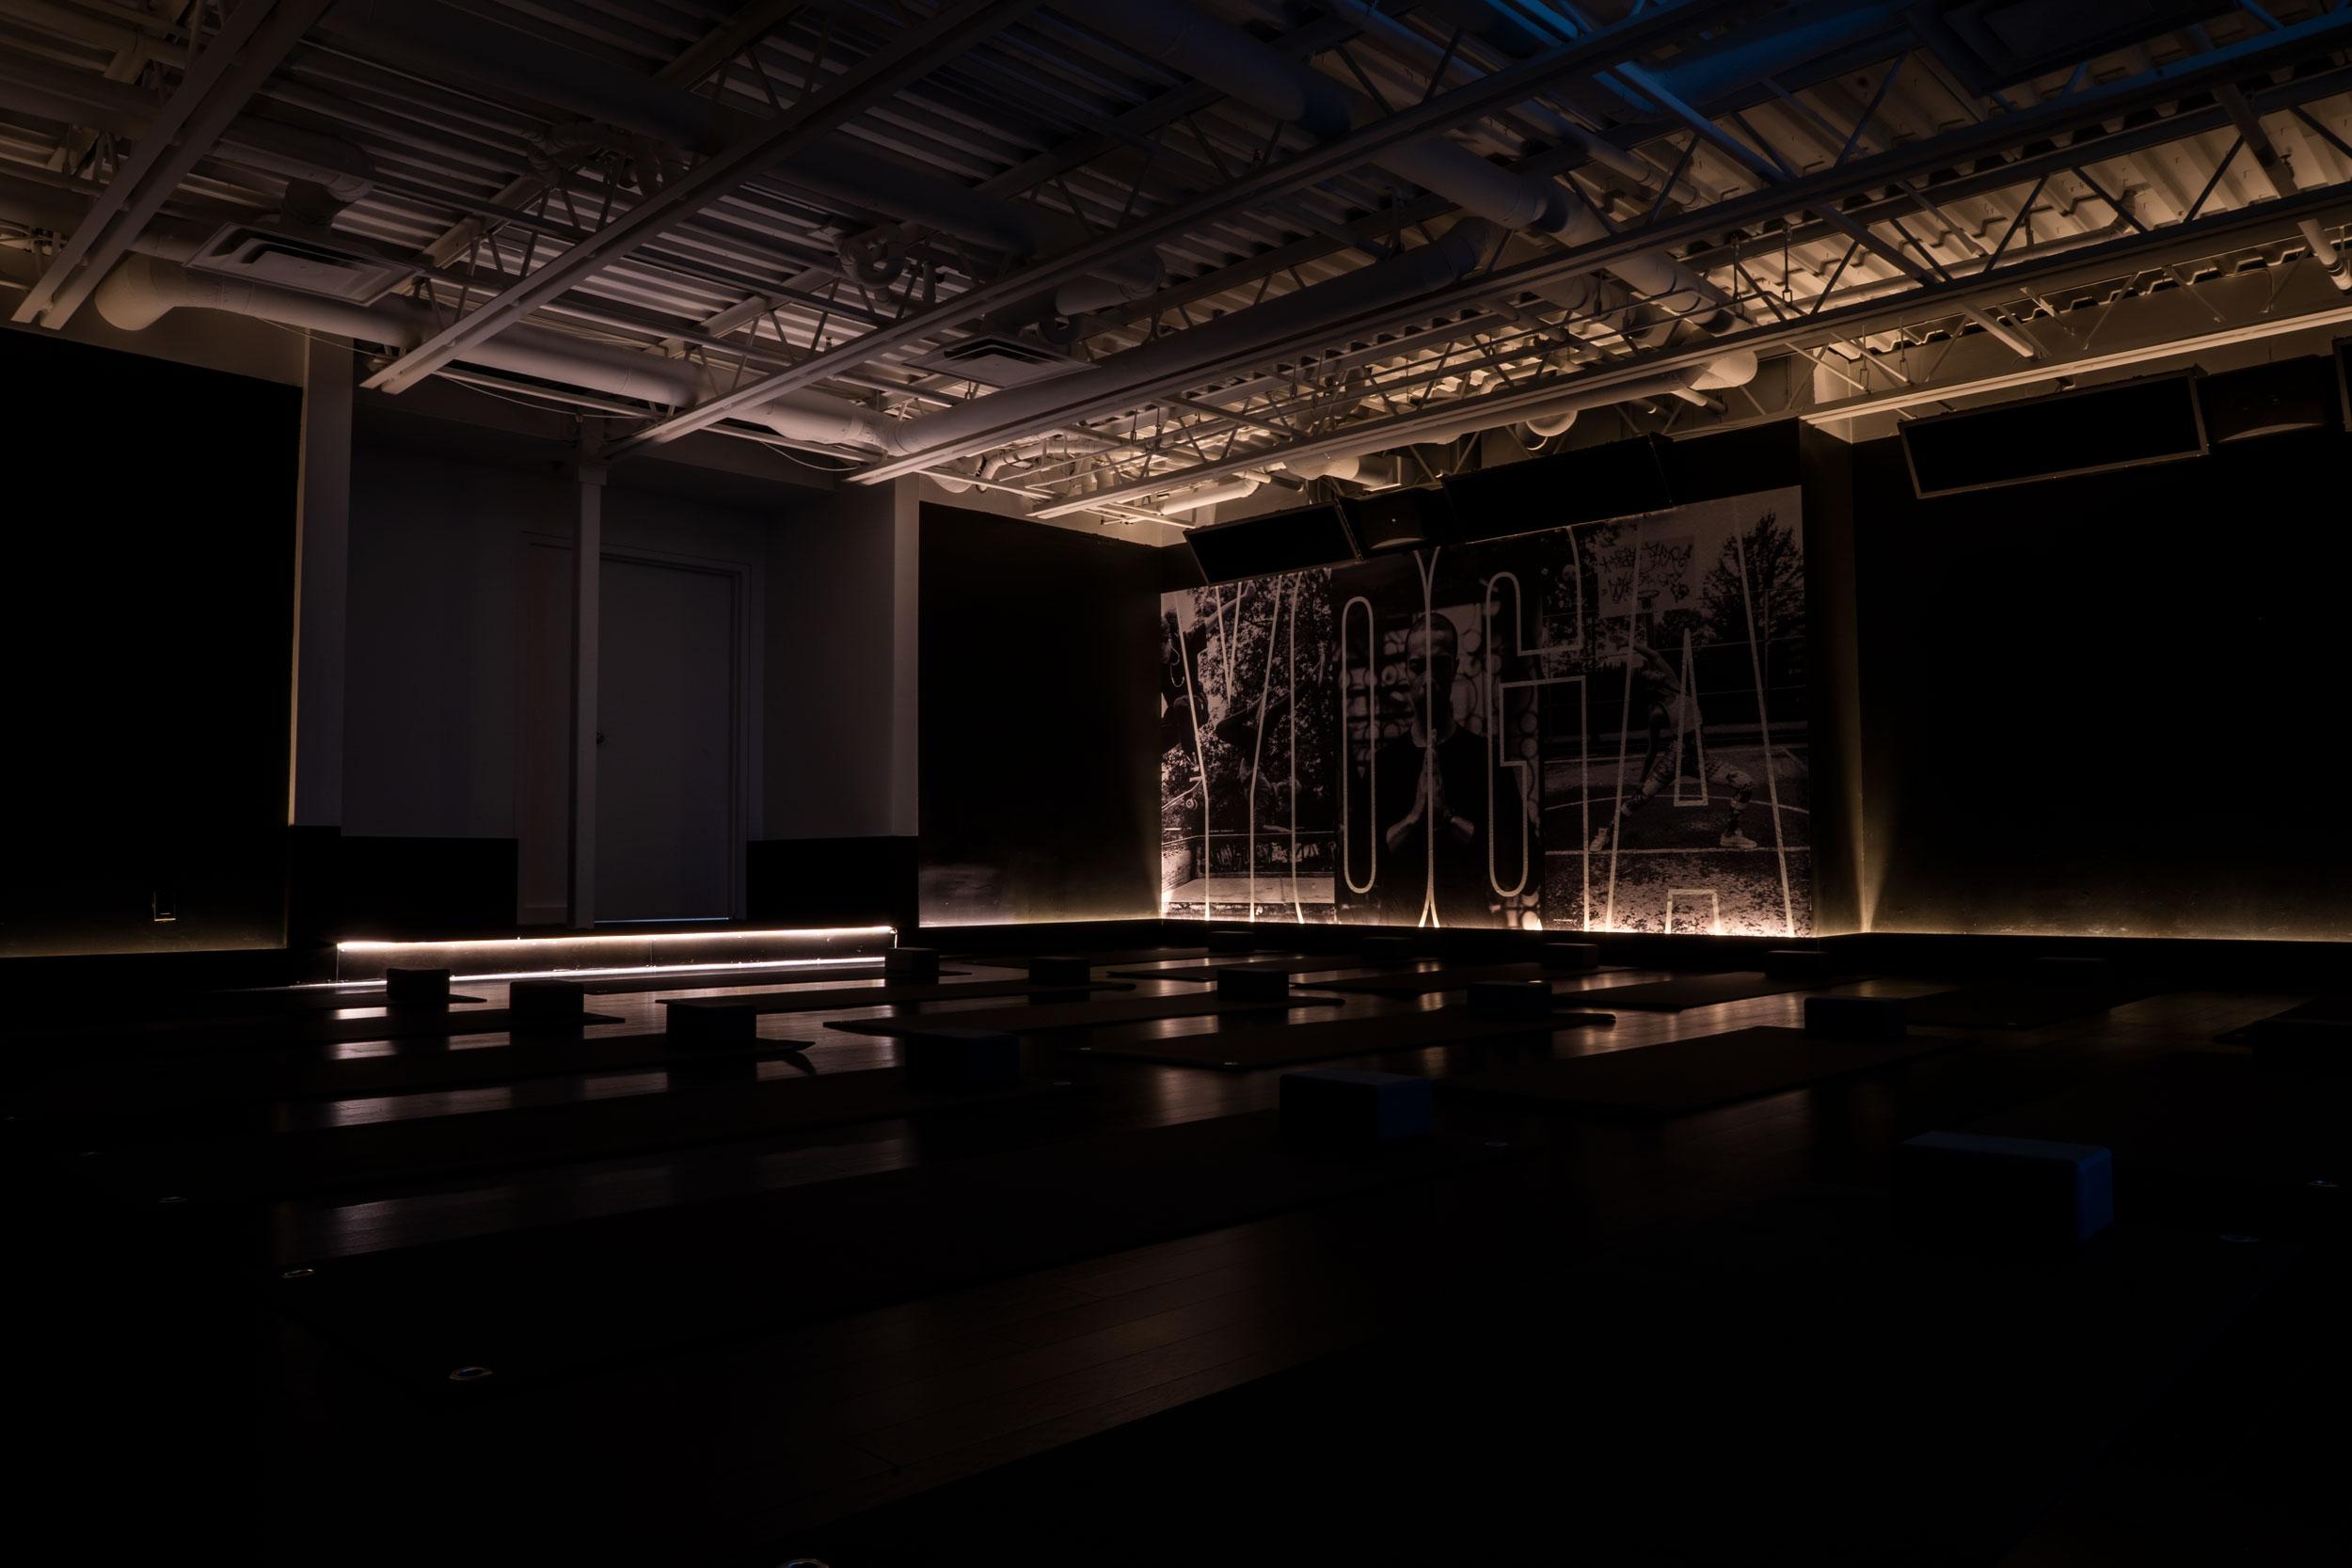 Notre espace yoga. Systèmes son et lumière conçus par   Moog Audio  . Design intérieur signé   Lovasi   et design graphique signé   Bang Bang  .